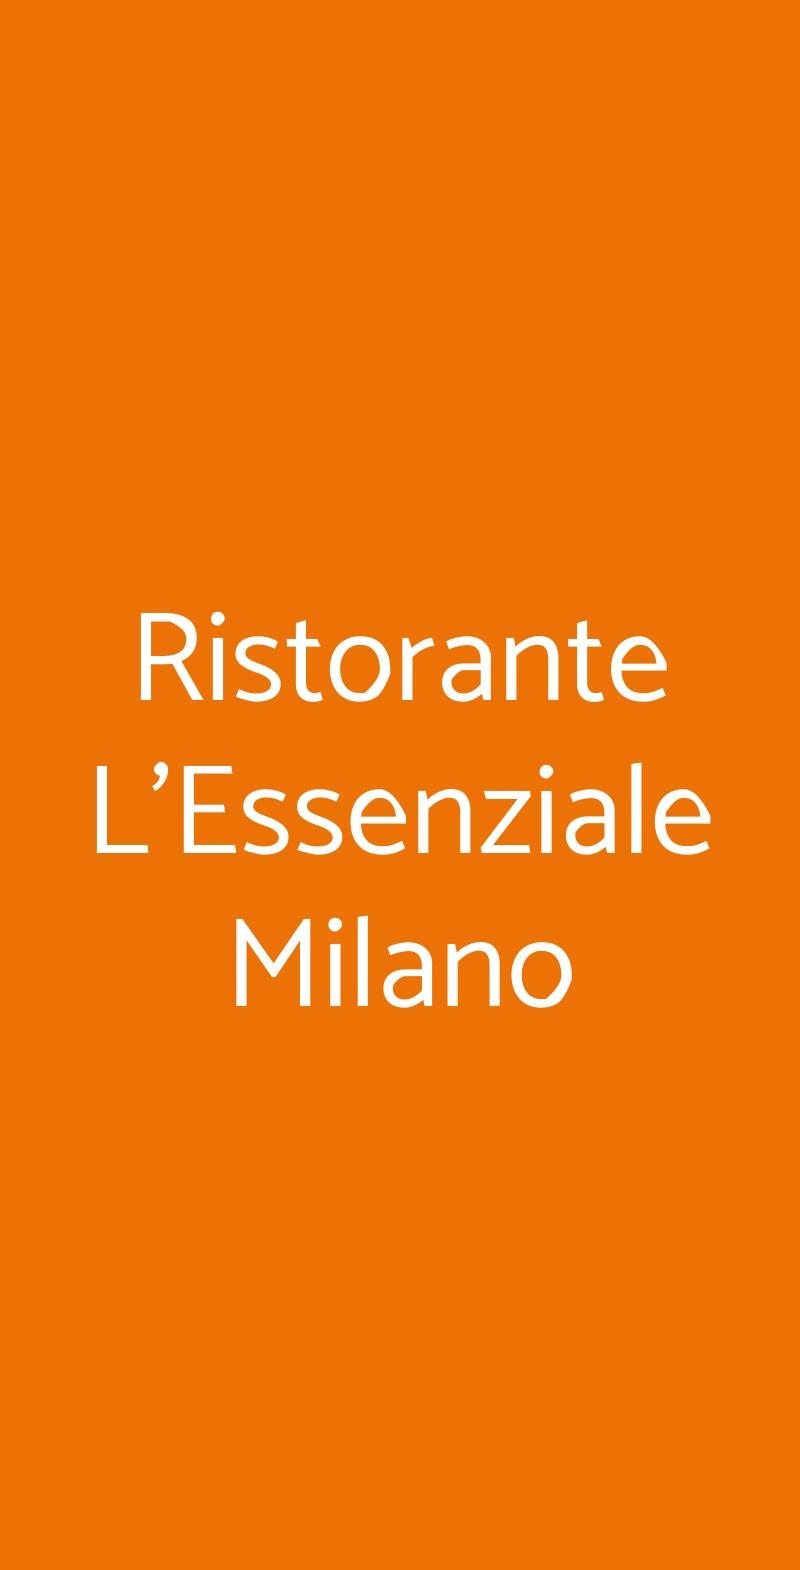 Ristorante L'Essenziale Milano Milano menù 1 pagina